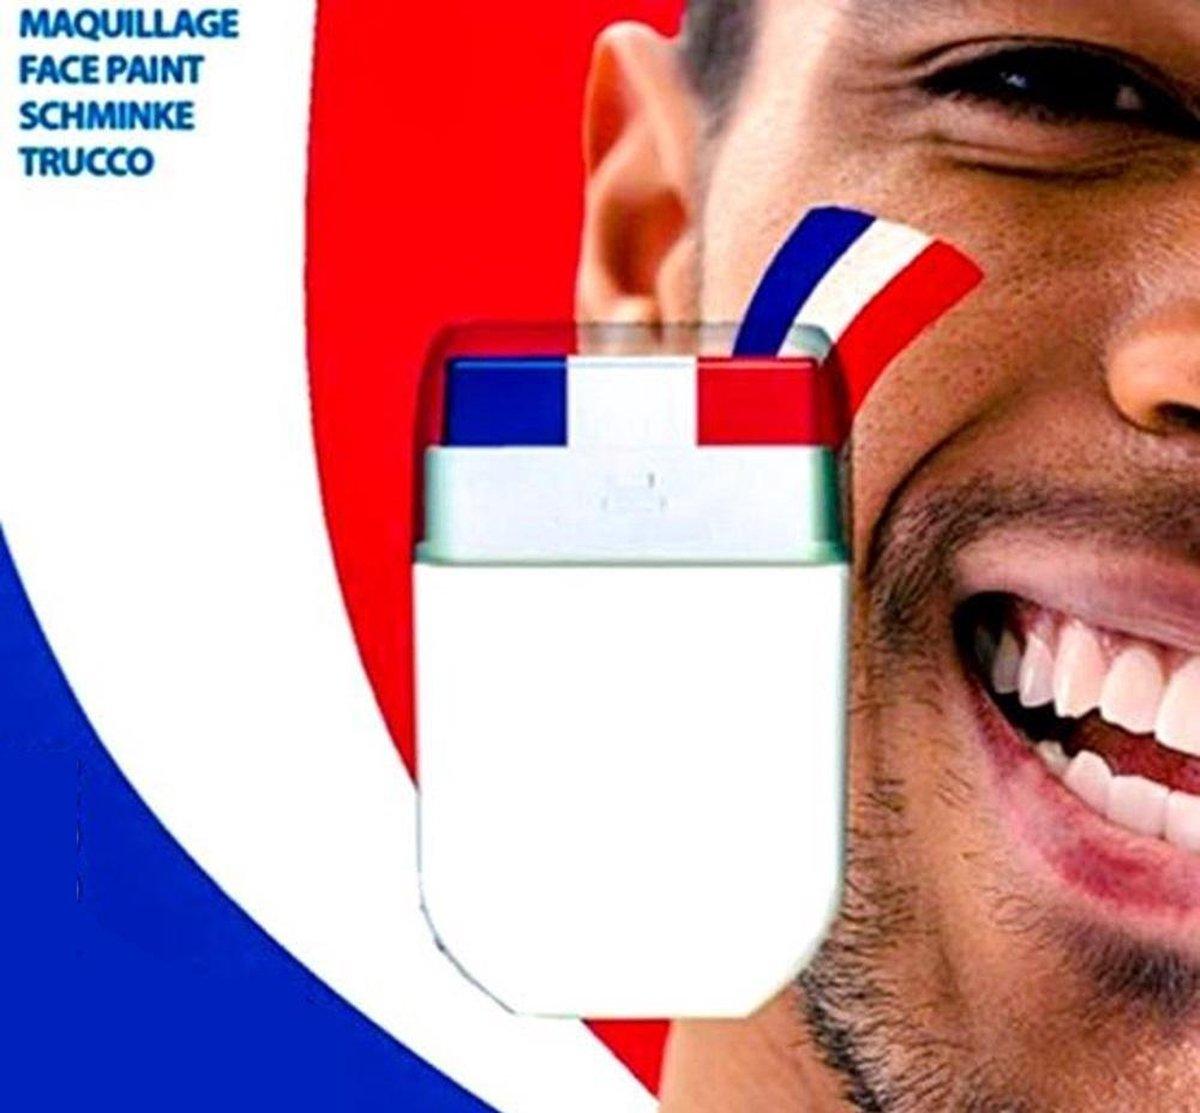 Fanbrush Schmink Hollandse Nederlandse Vlag